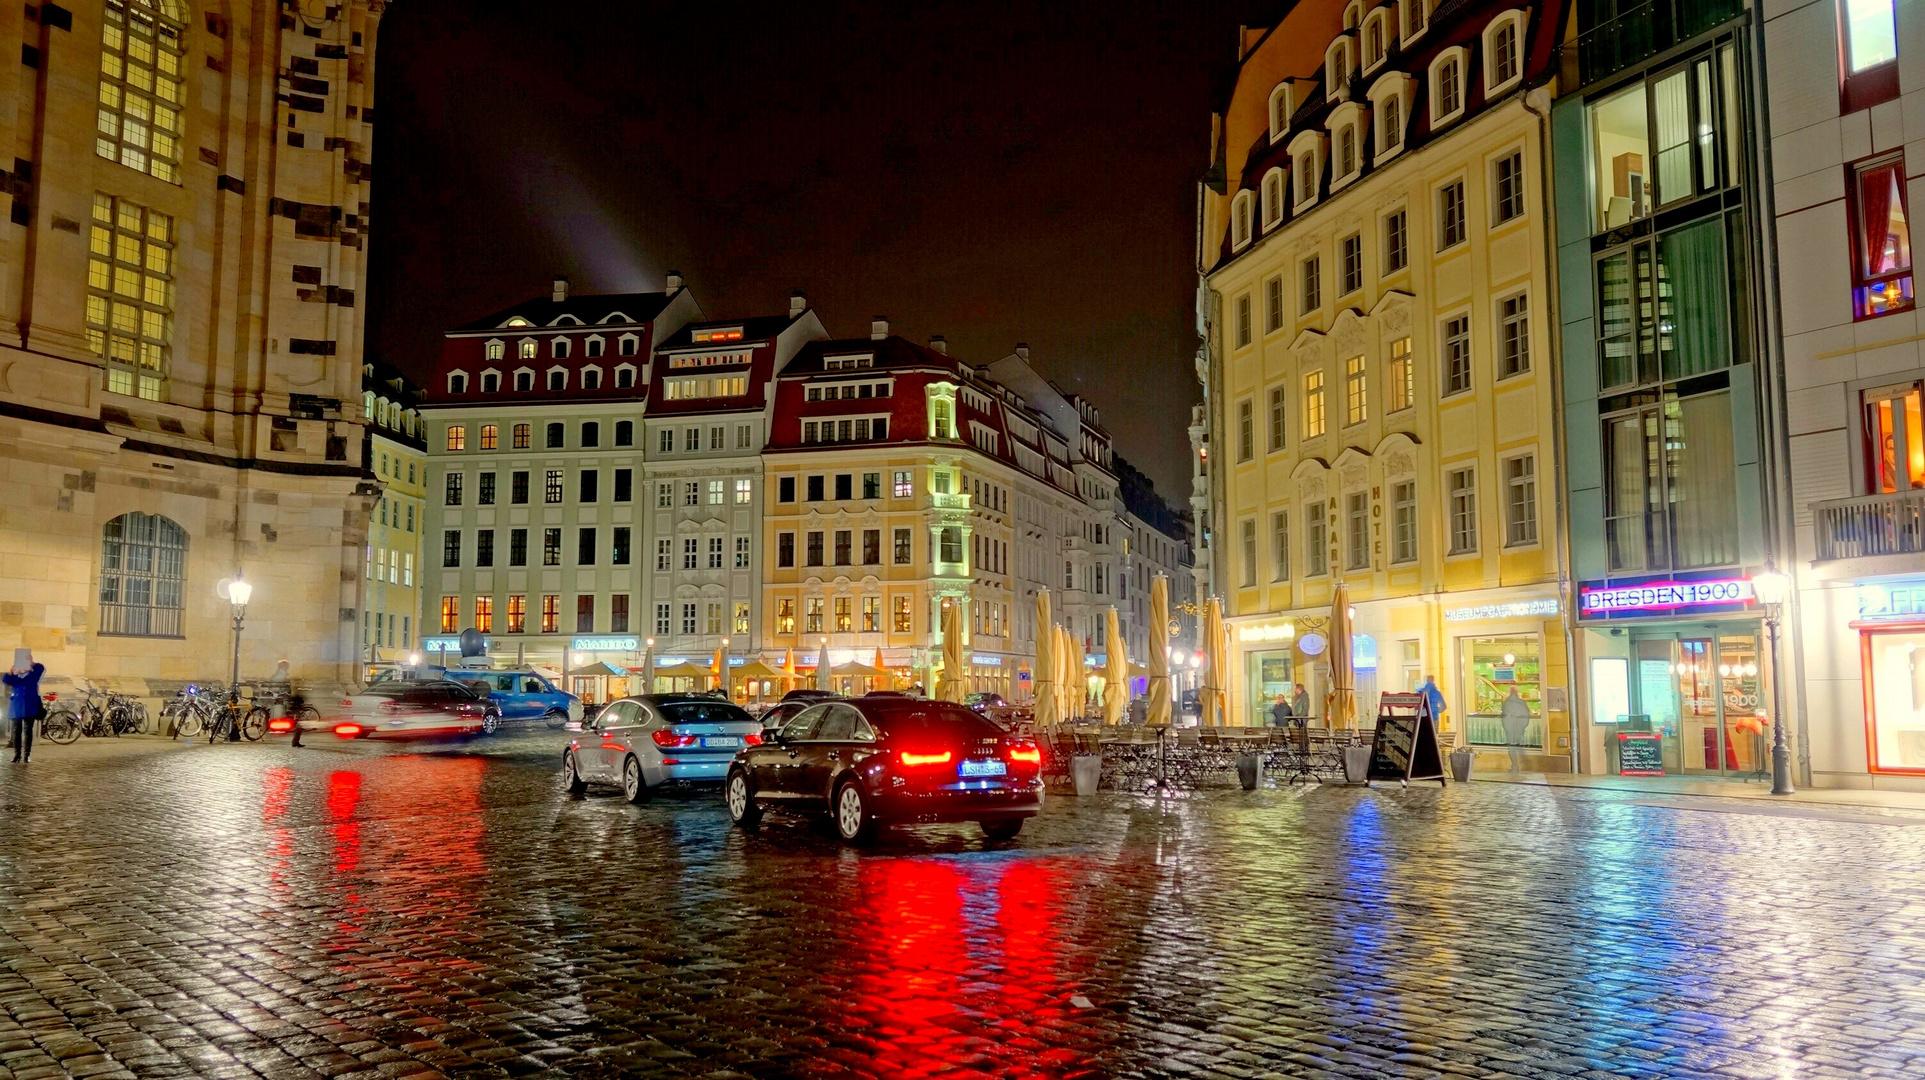 zu Besuch in Dresden XVI (de visita en Dresden XVI)